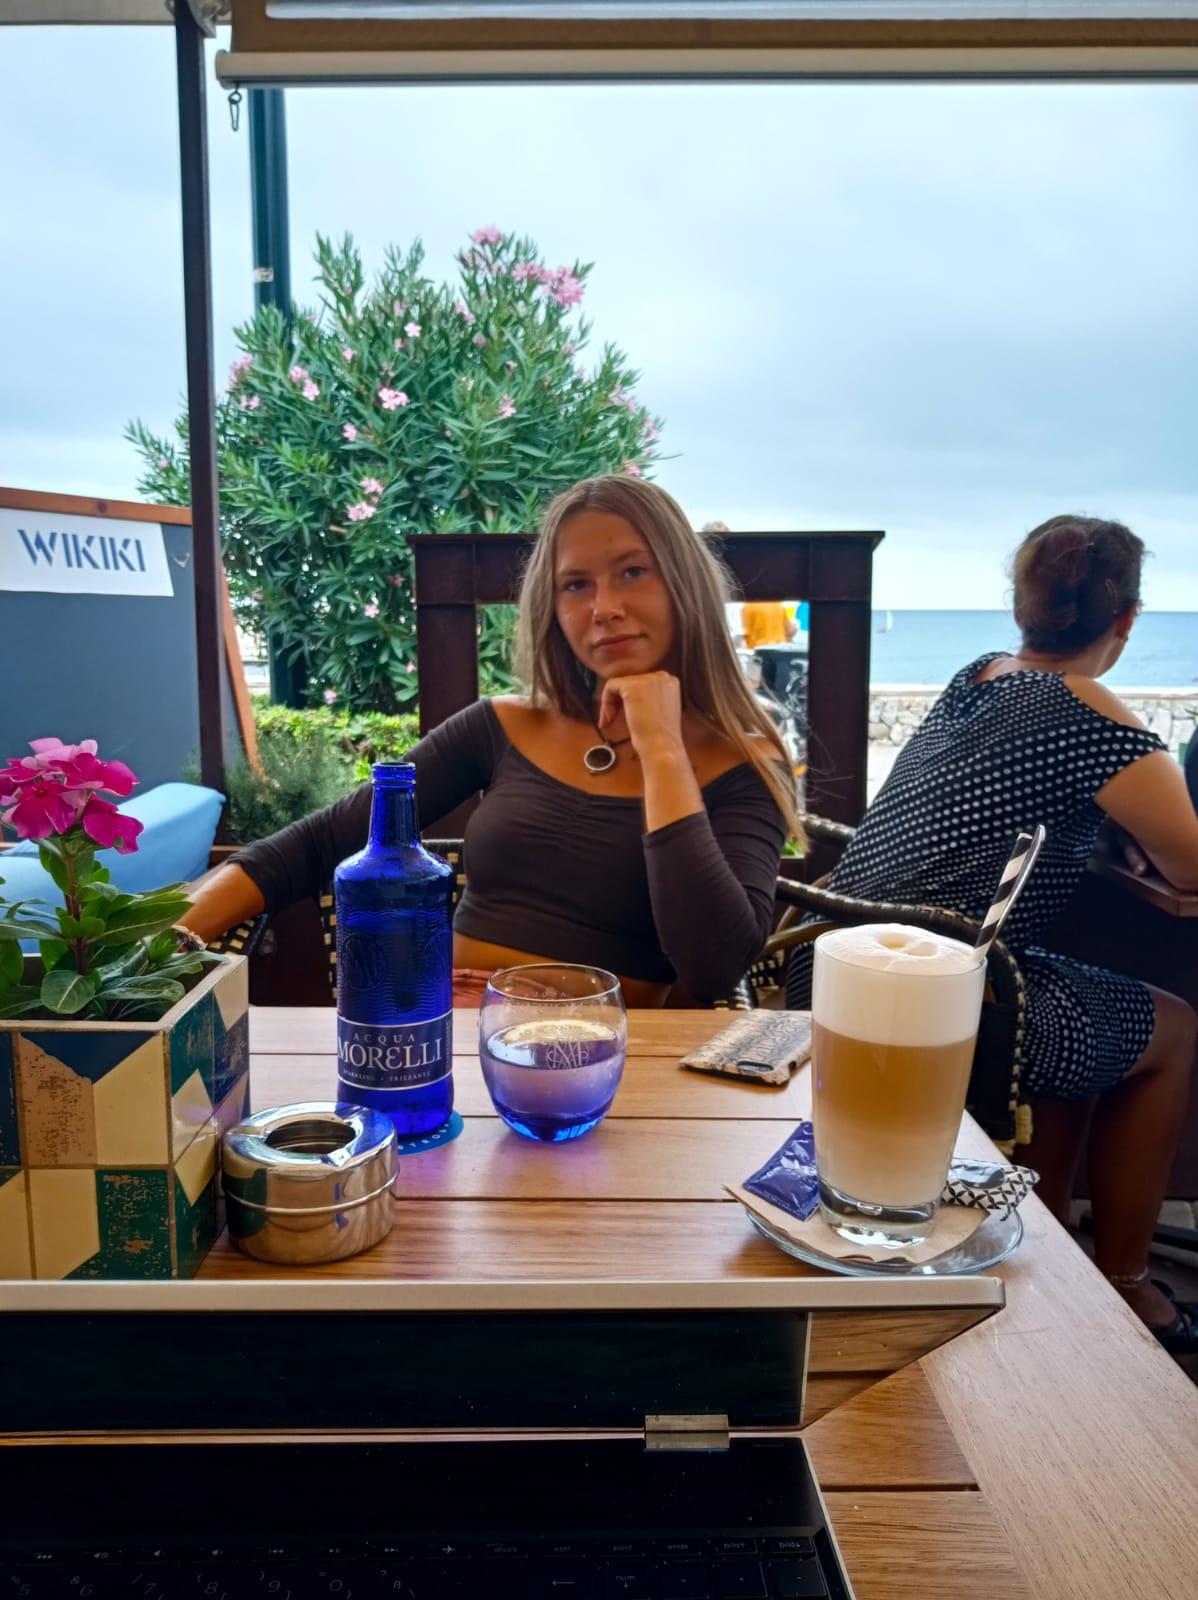 Wikiki Cala Ratjada - direkt am Marktplatz mit Hafen & Meerblick - Kopie